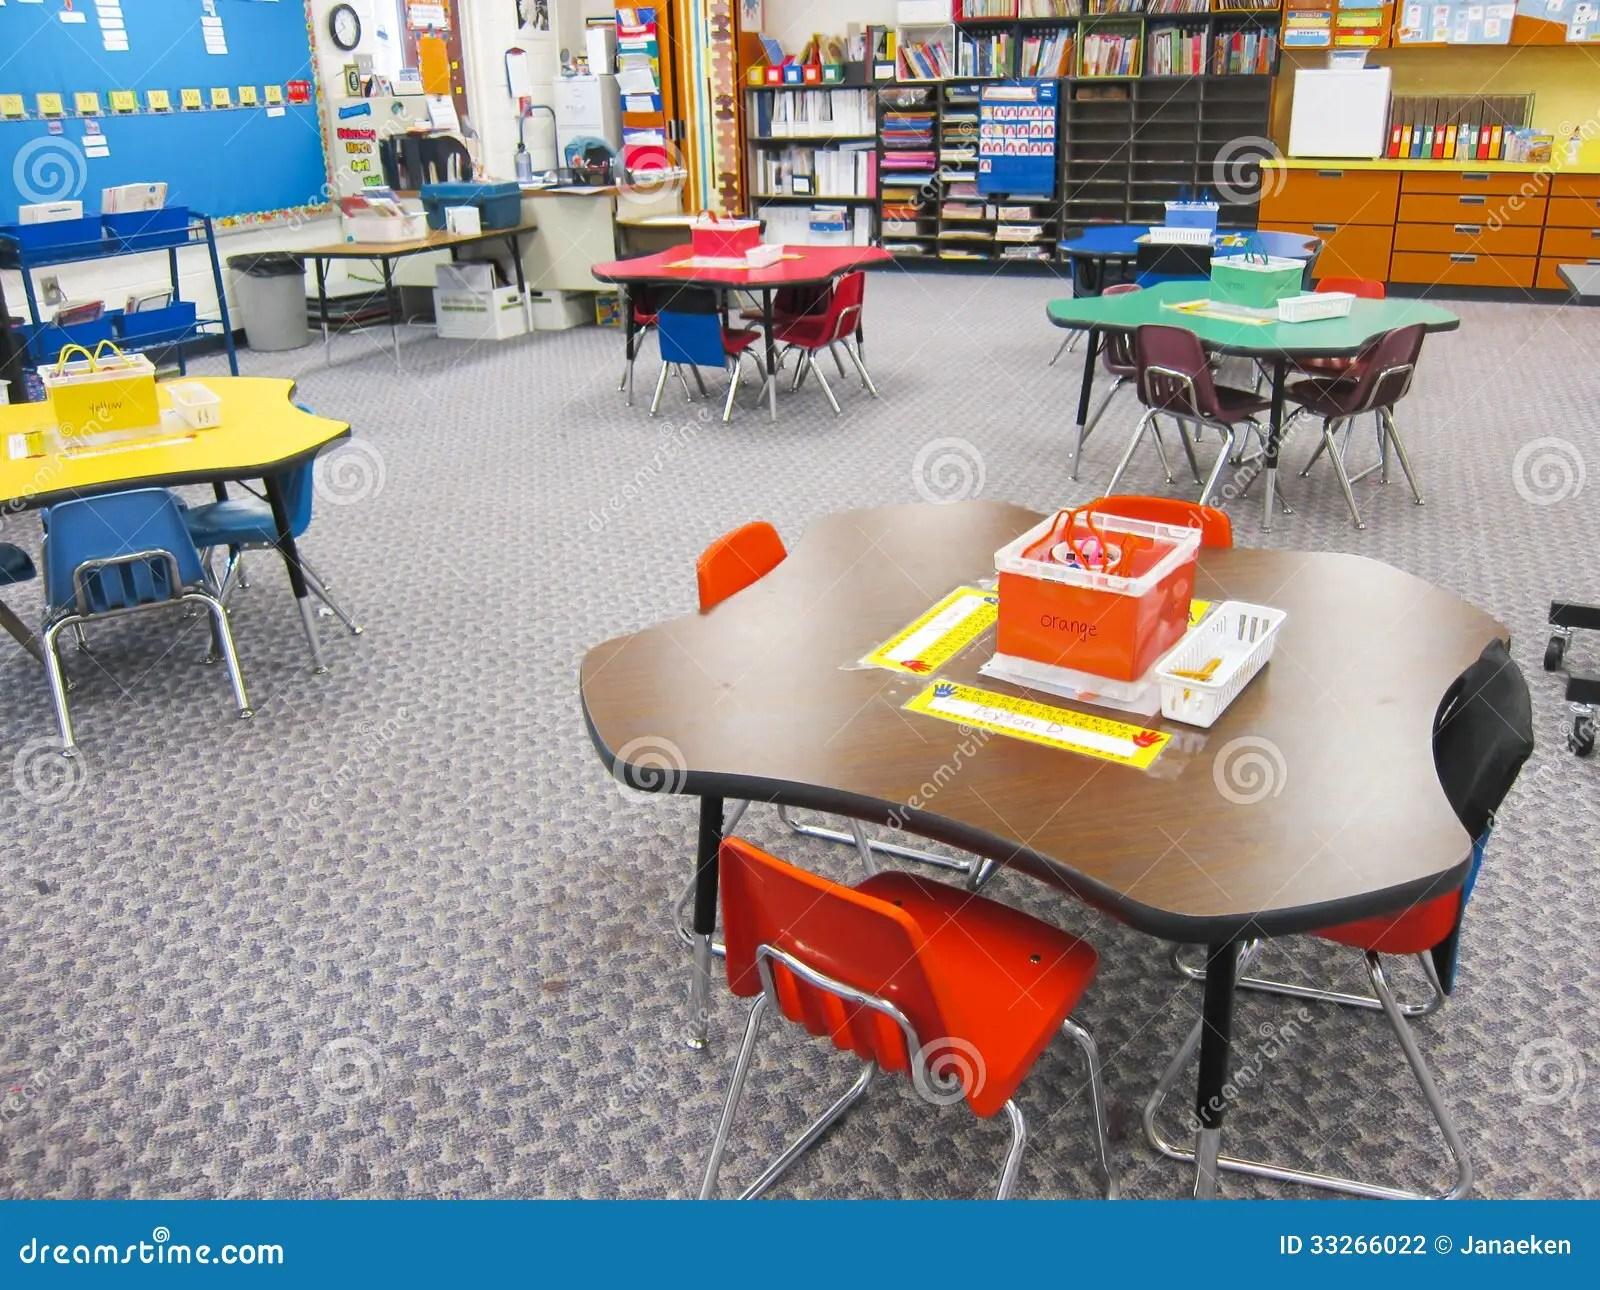 Kindergarten Classroom Stock Photo Image Of Preschool